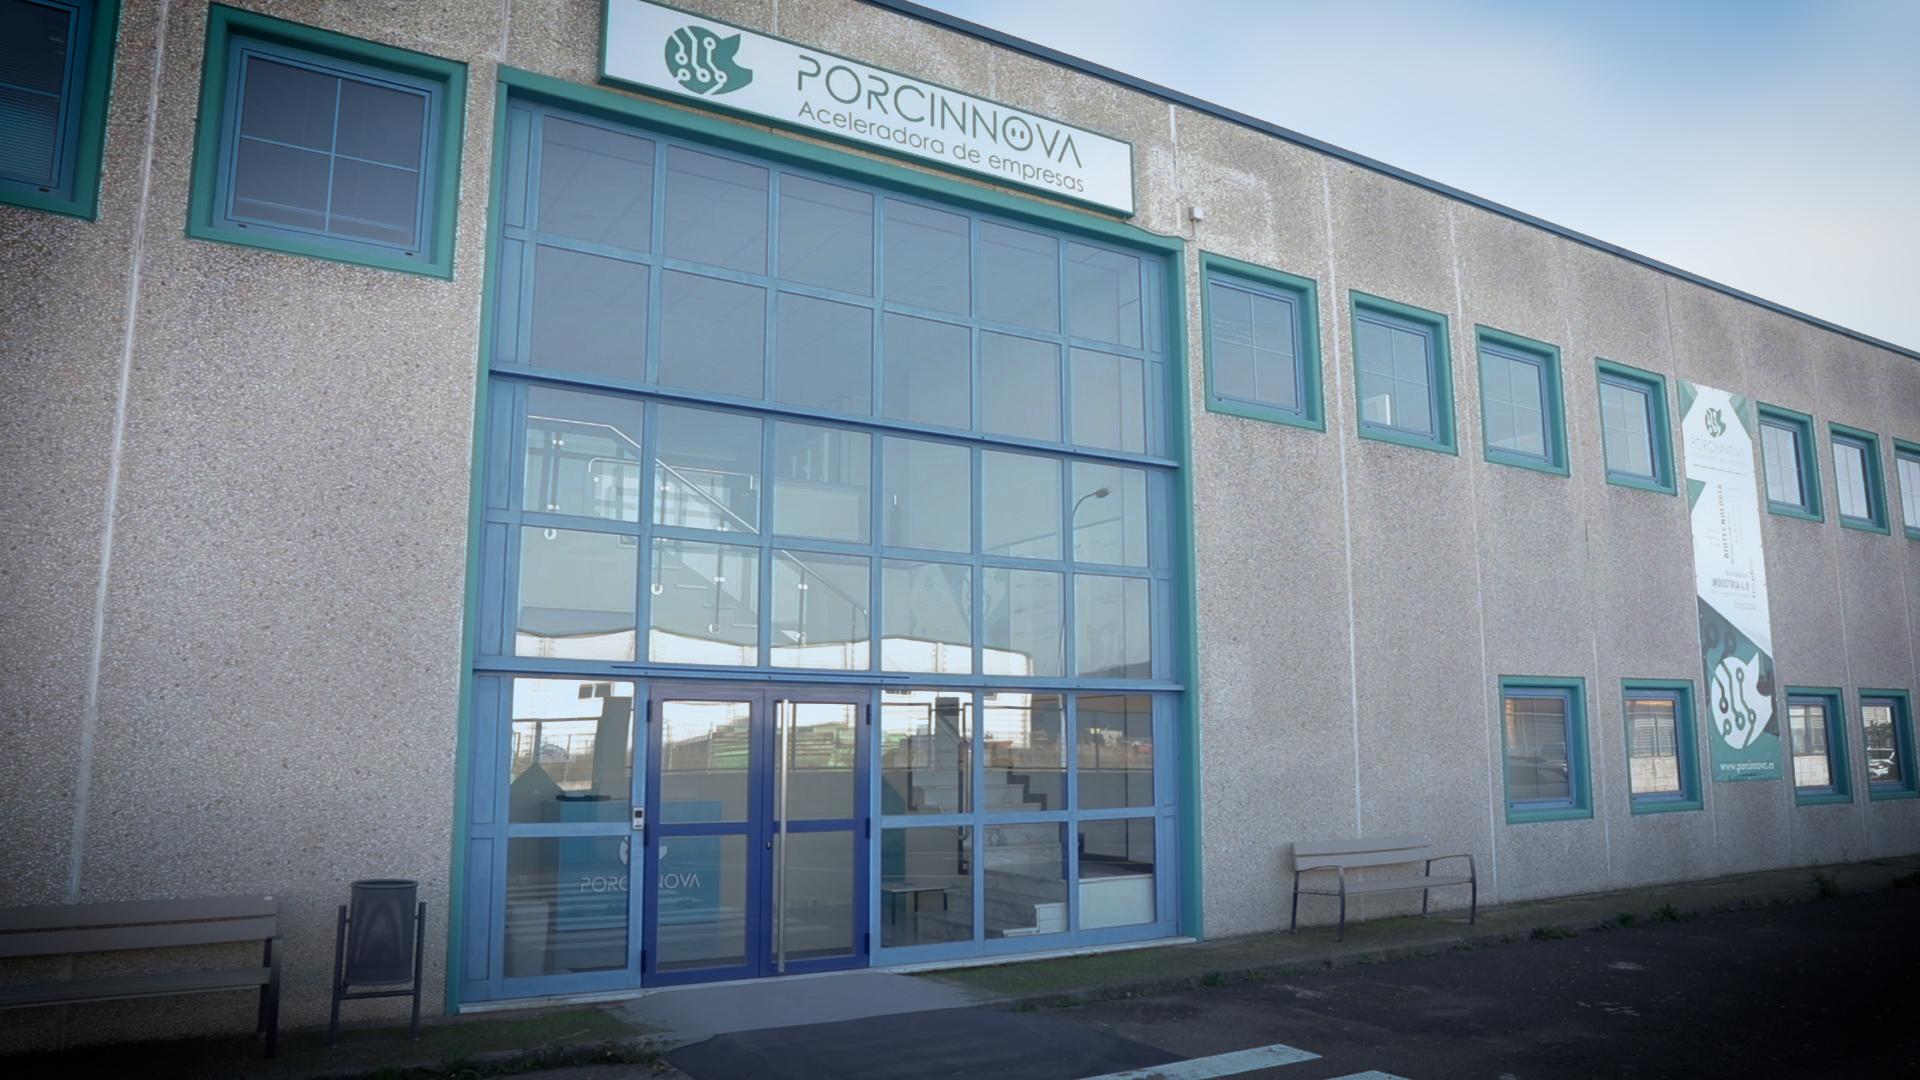 Porcinnova es una de las 11 Incubadoras de Alta Tecnología, IAT, promovidas hasta la fecha por Fundación INCYDE, Instituto Cameral para la Creación y Desarrollo de la Empres